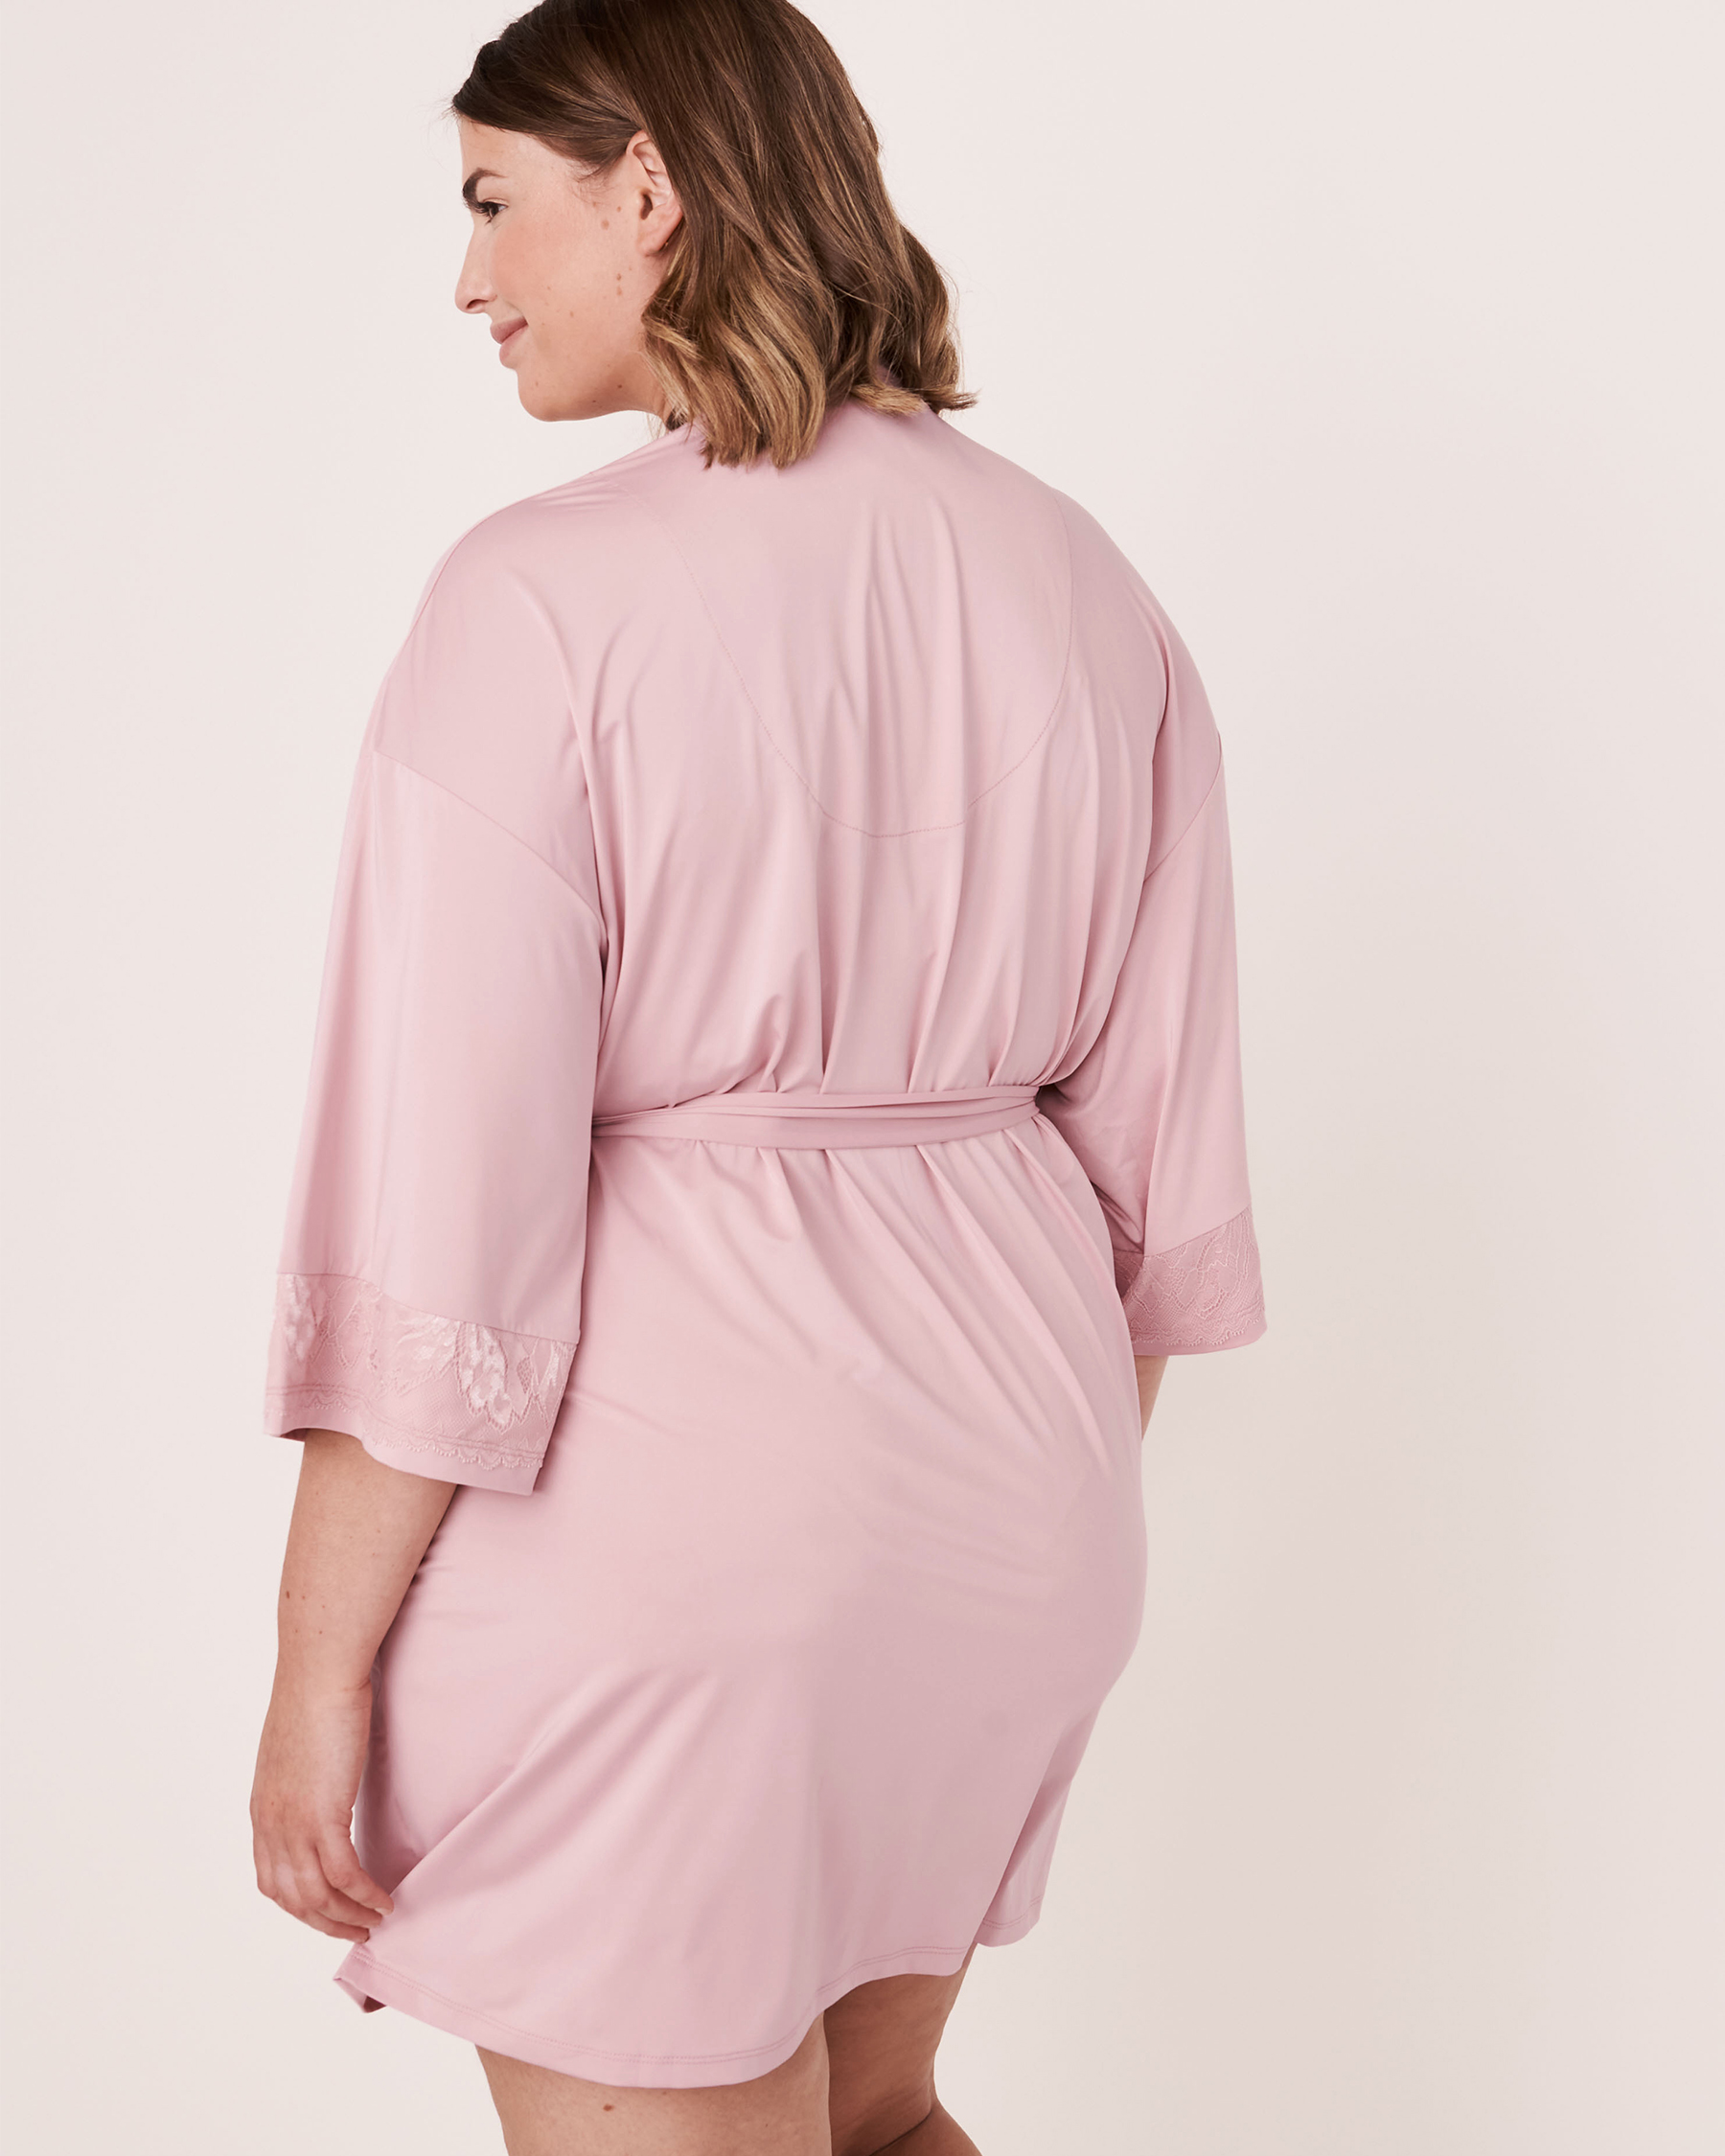 LA VIE EN ROSE Recycled Fibers Lace Trim Kimono Lilac 60600008 - View6